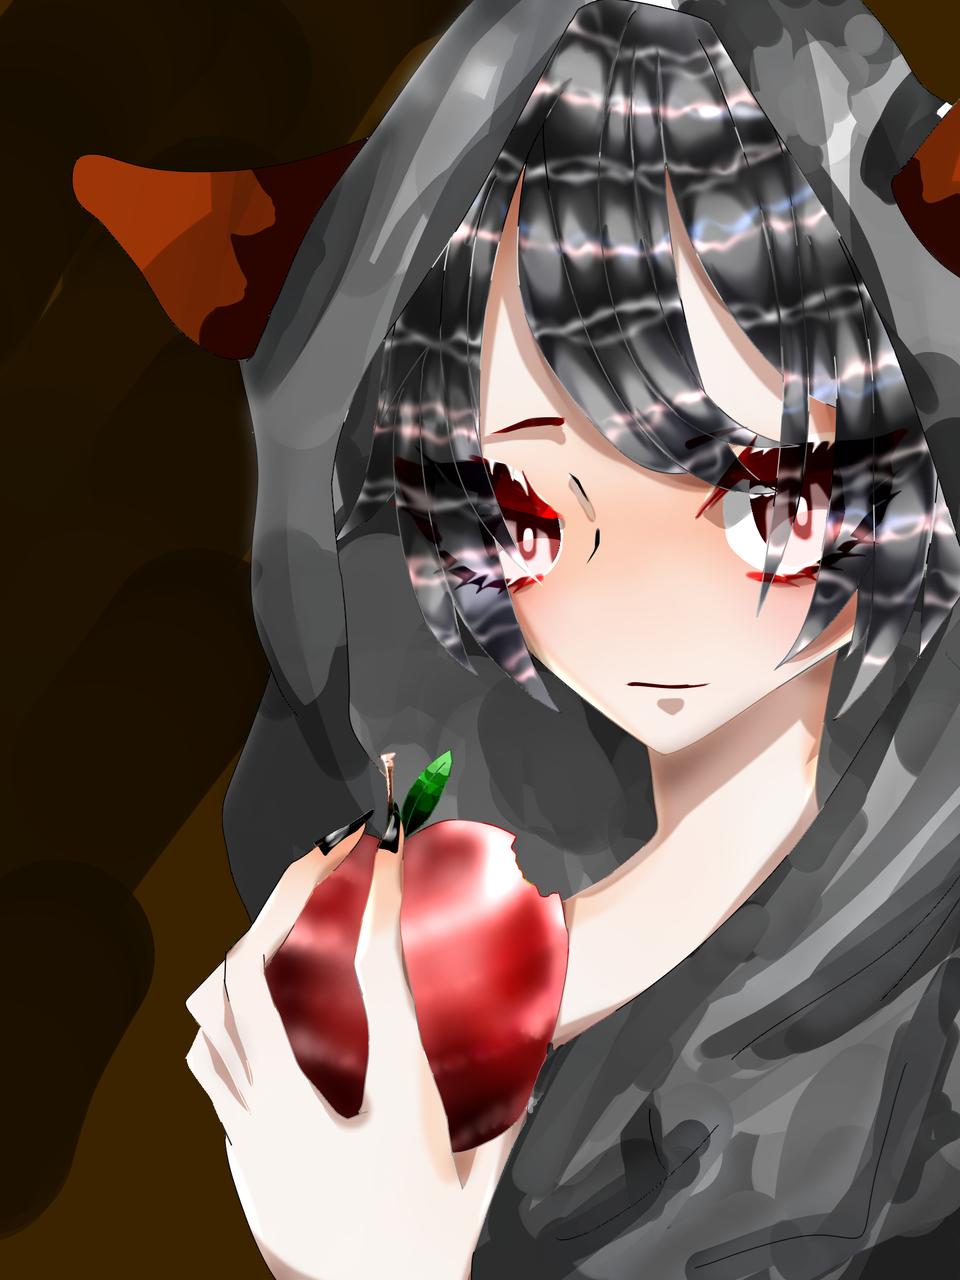 林檎 Illust of 如月来蕾≮TRPG≯ medibangpaint wolf apple boy 黒髪 パーカー? oc